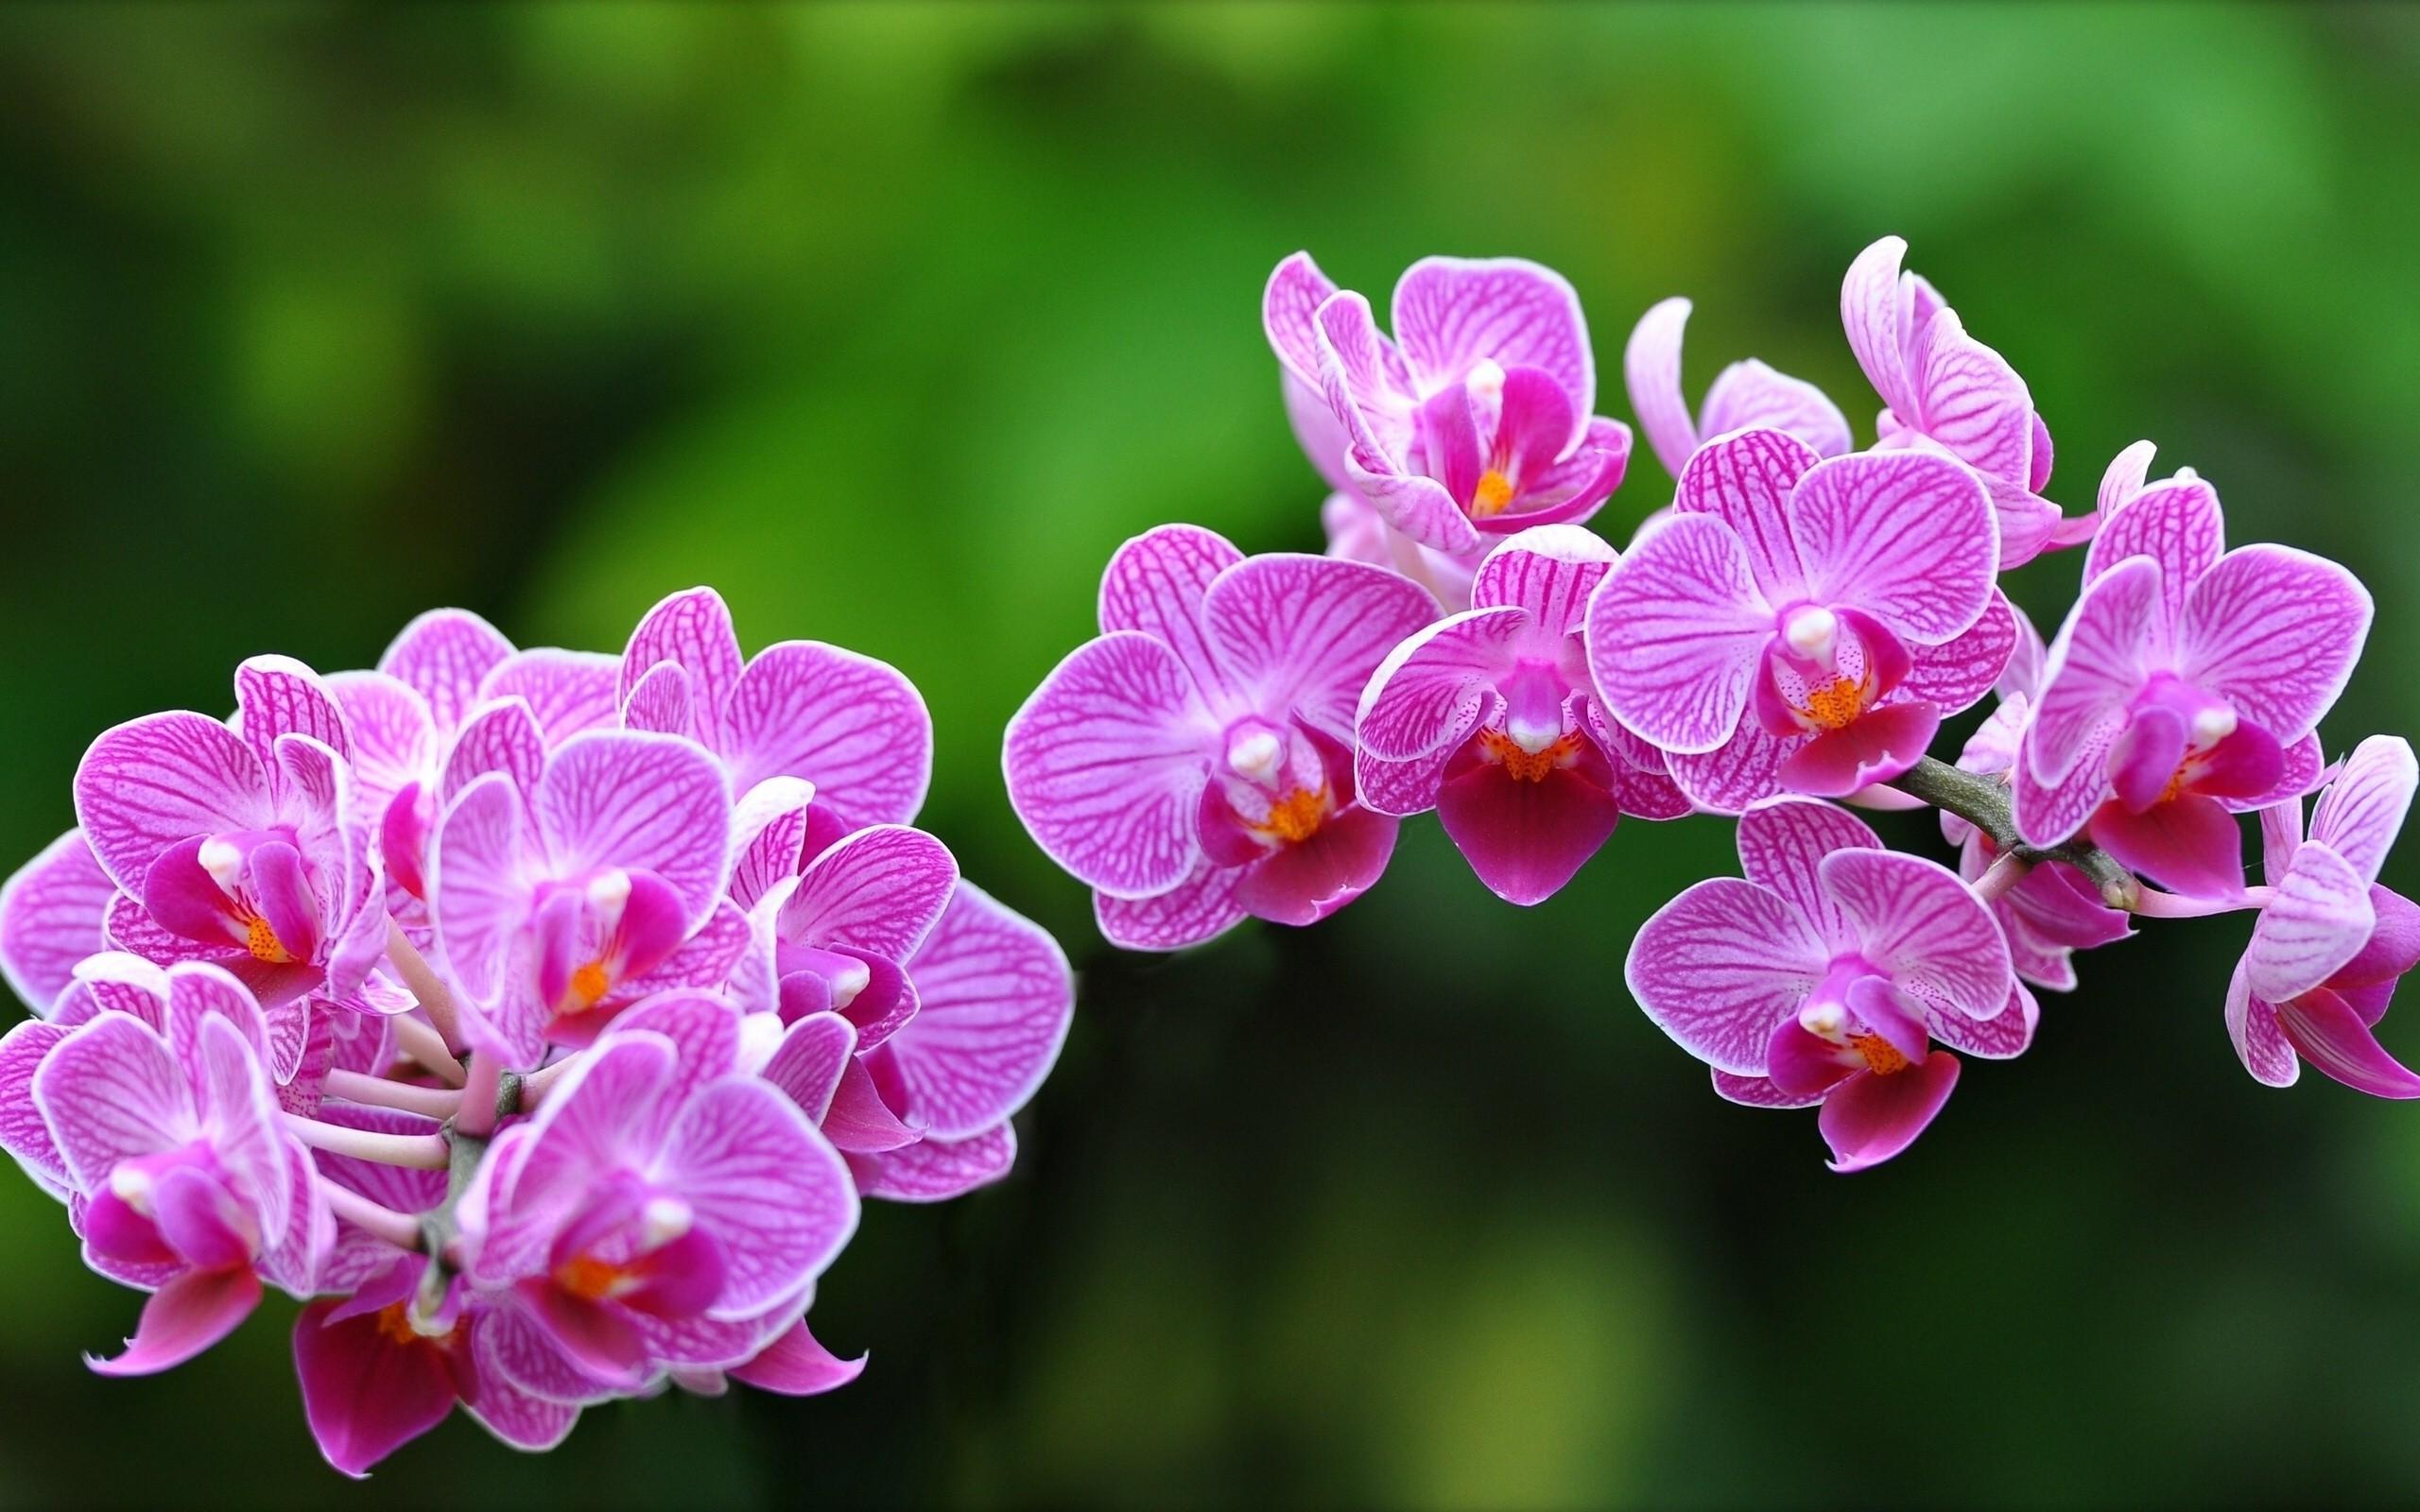 Картинки орхидеи на рабочий стол красивые большие на весь экран, блох прикол